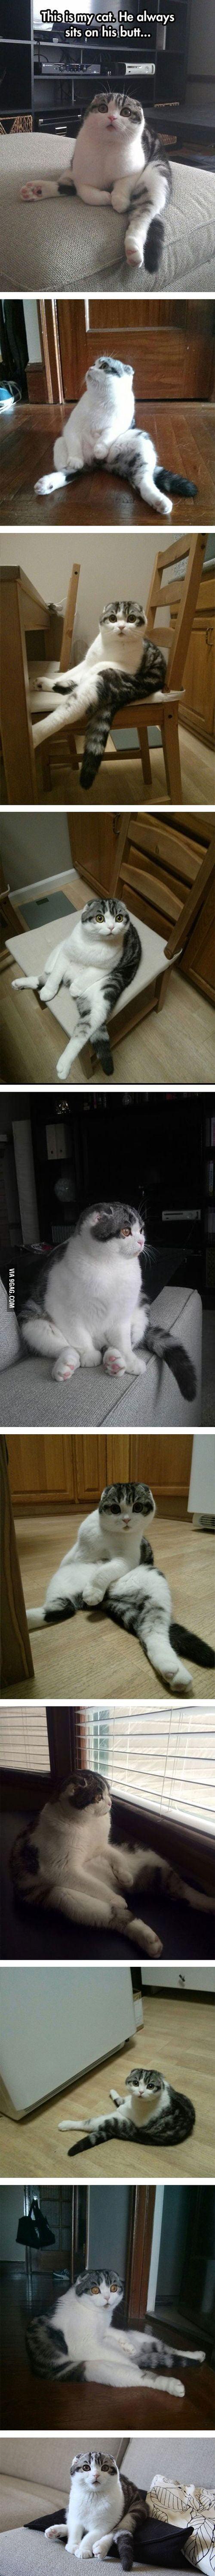 I present my cat